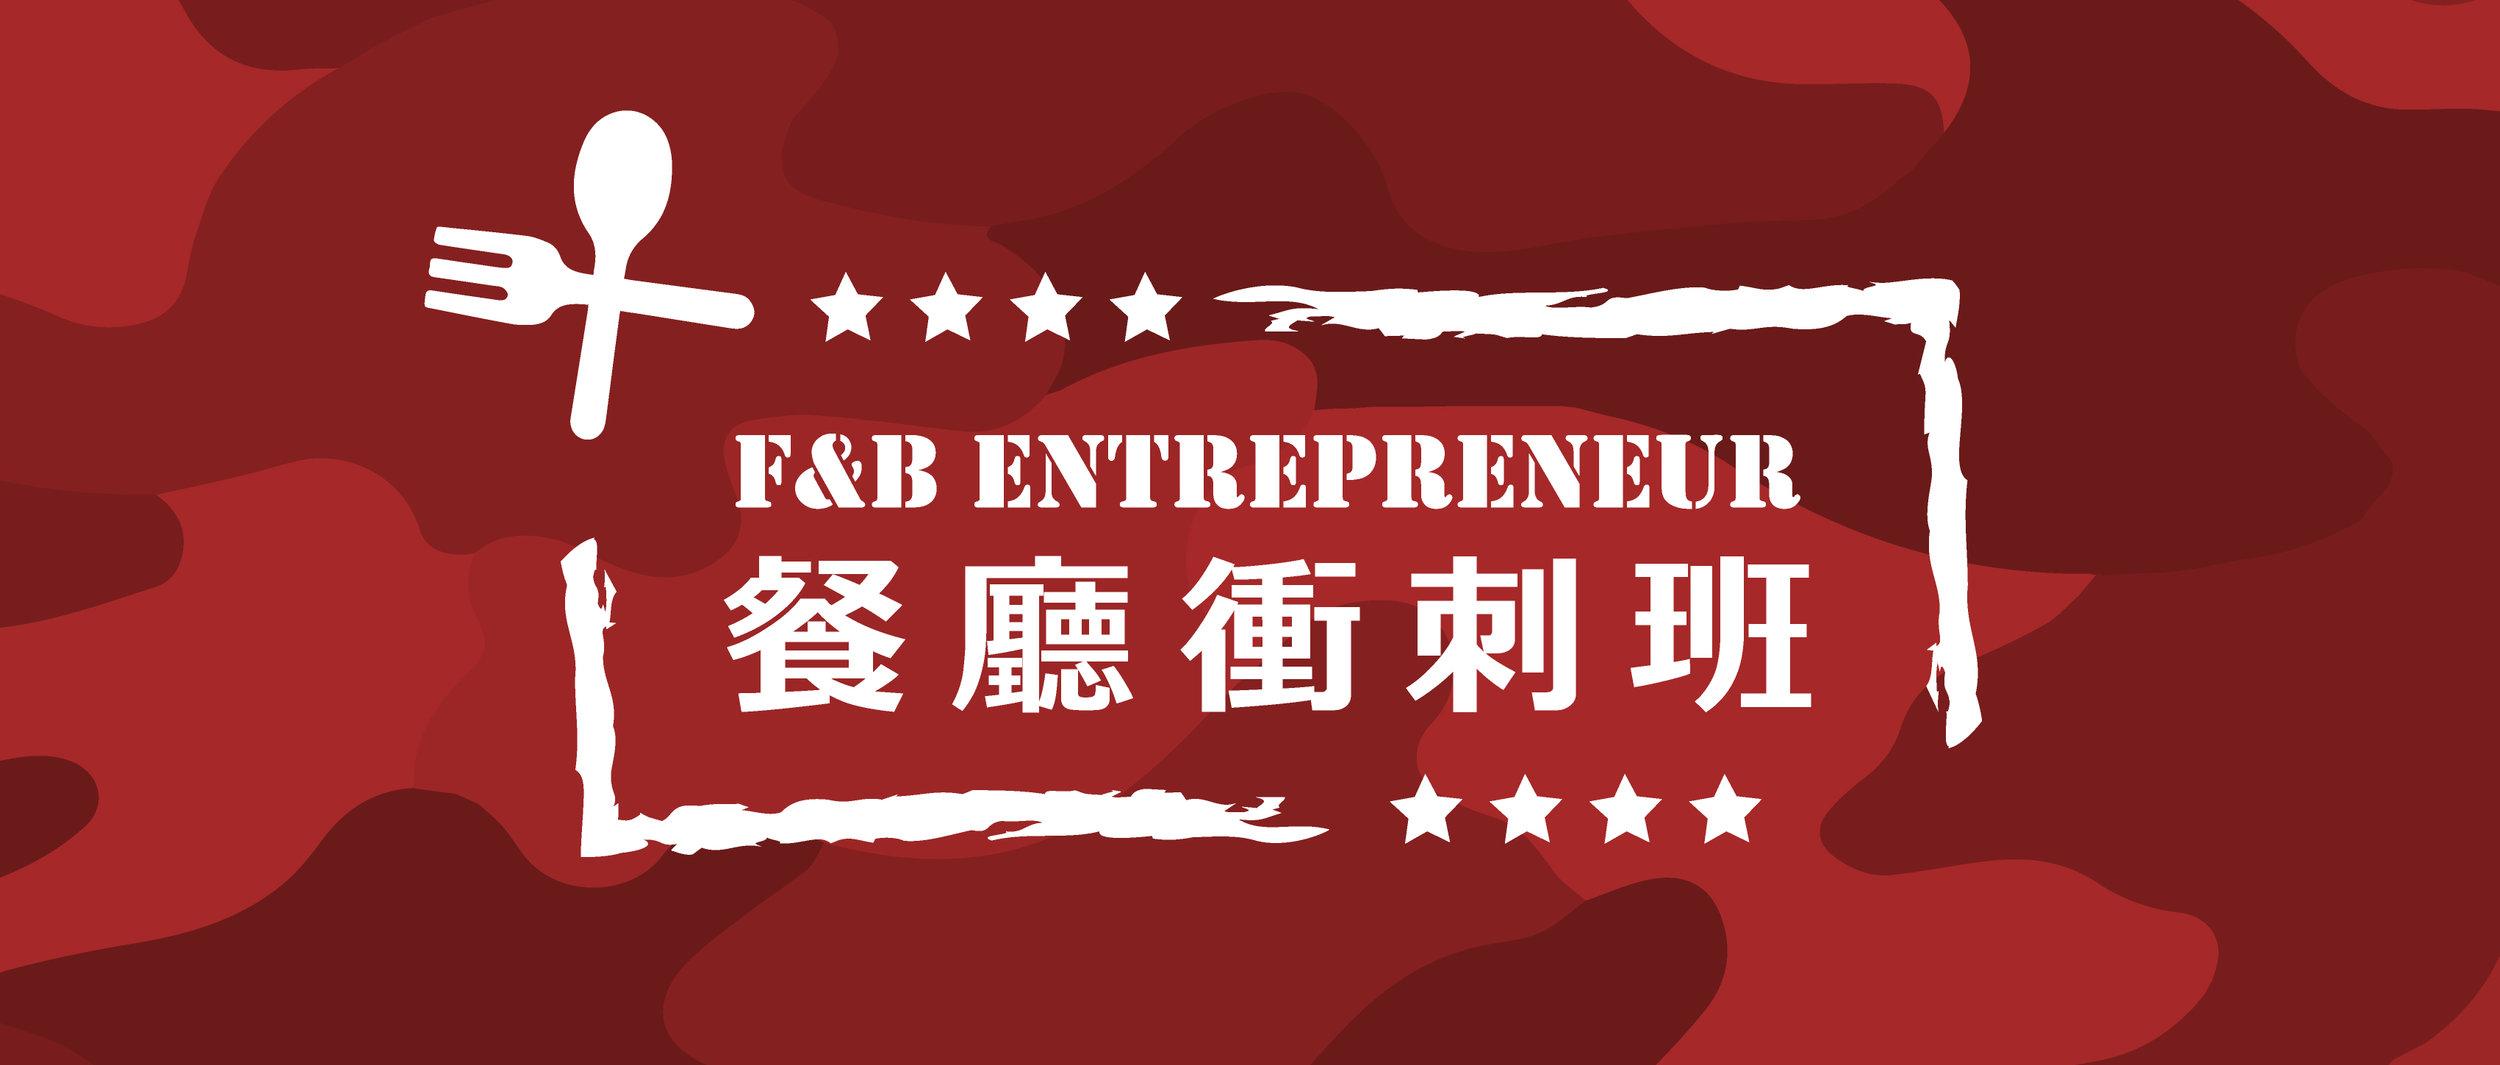 iCHEF Club HK